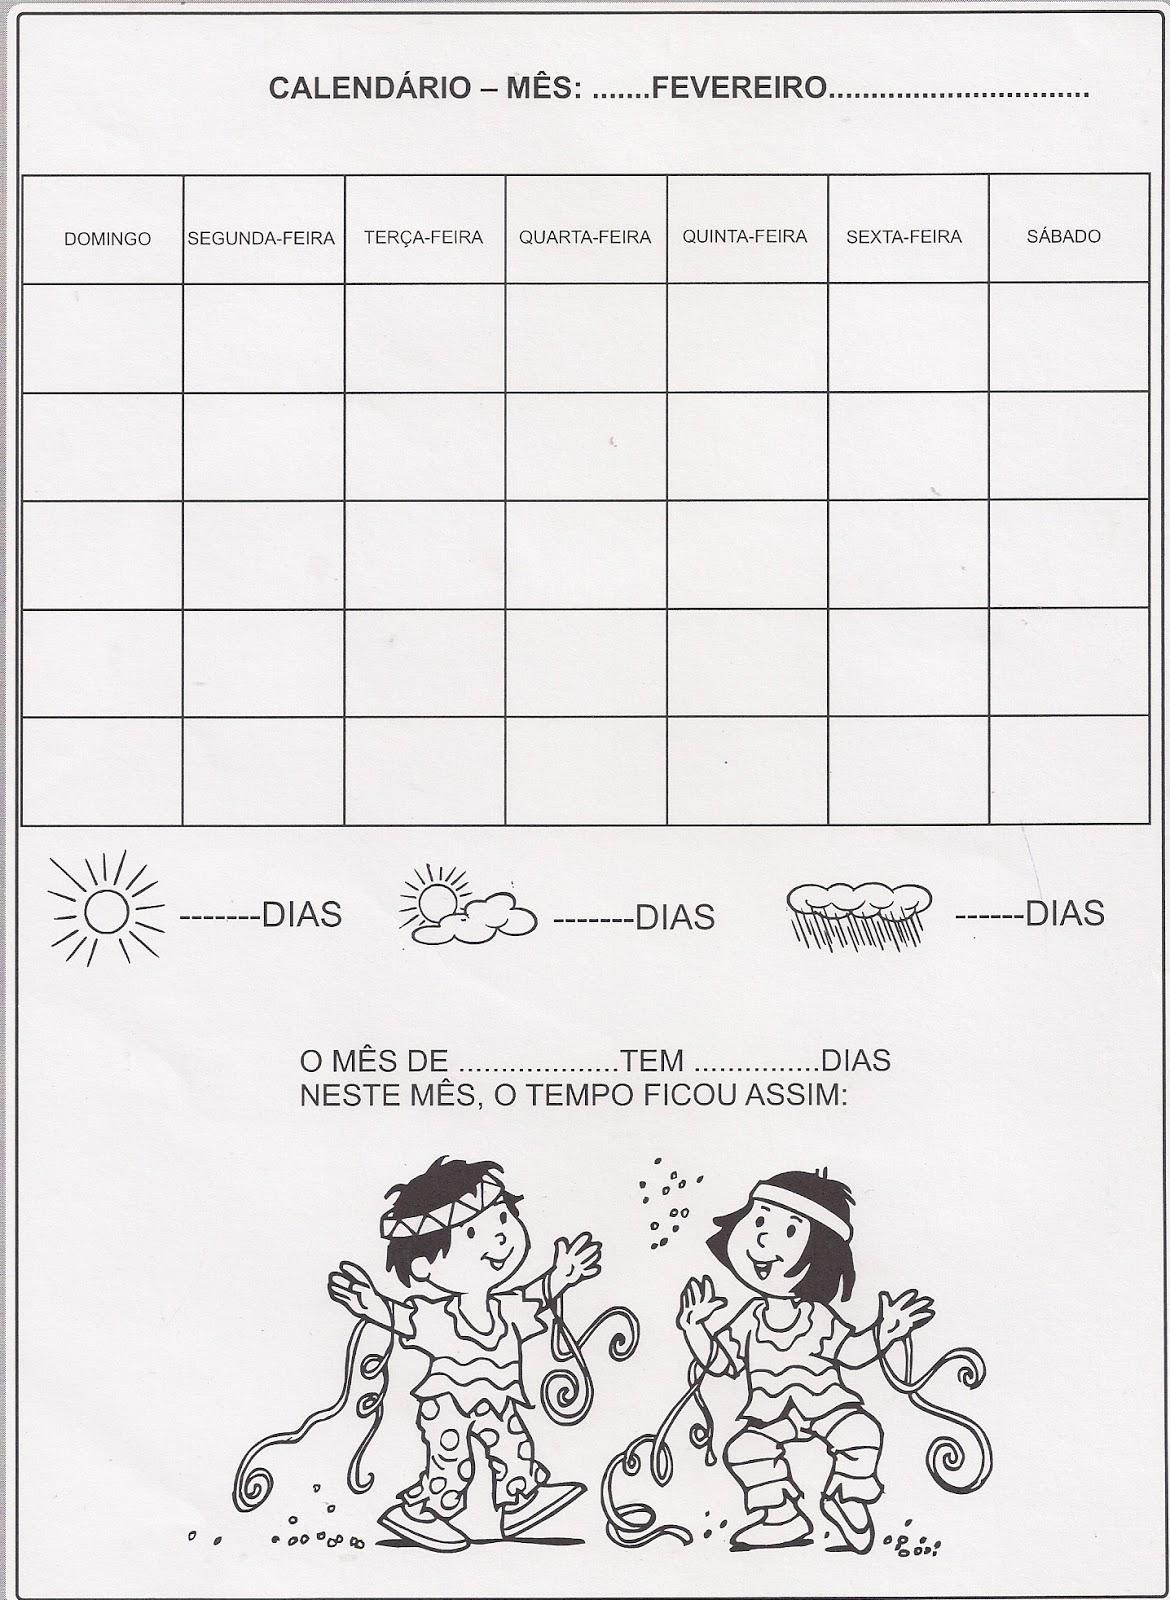 Calendário mês de Fevereiro